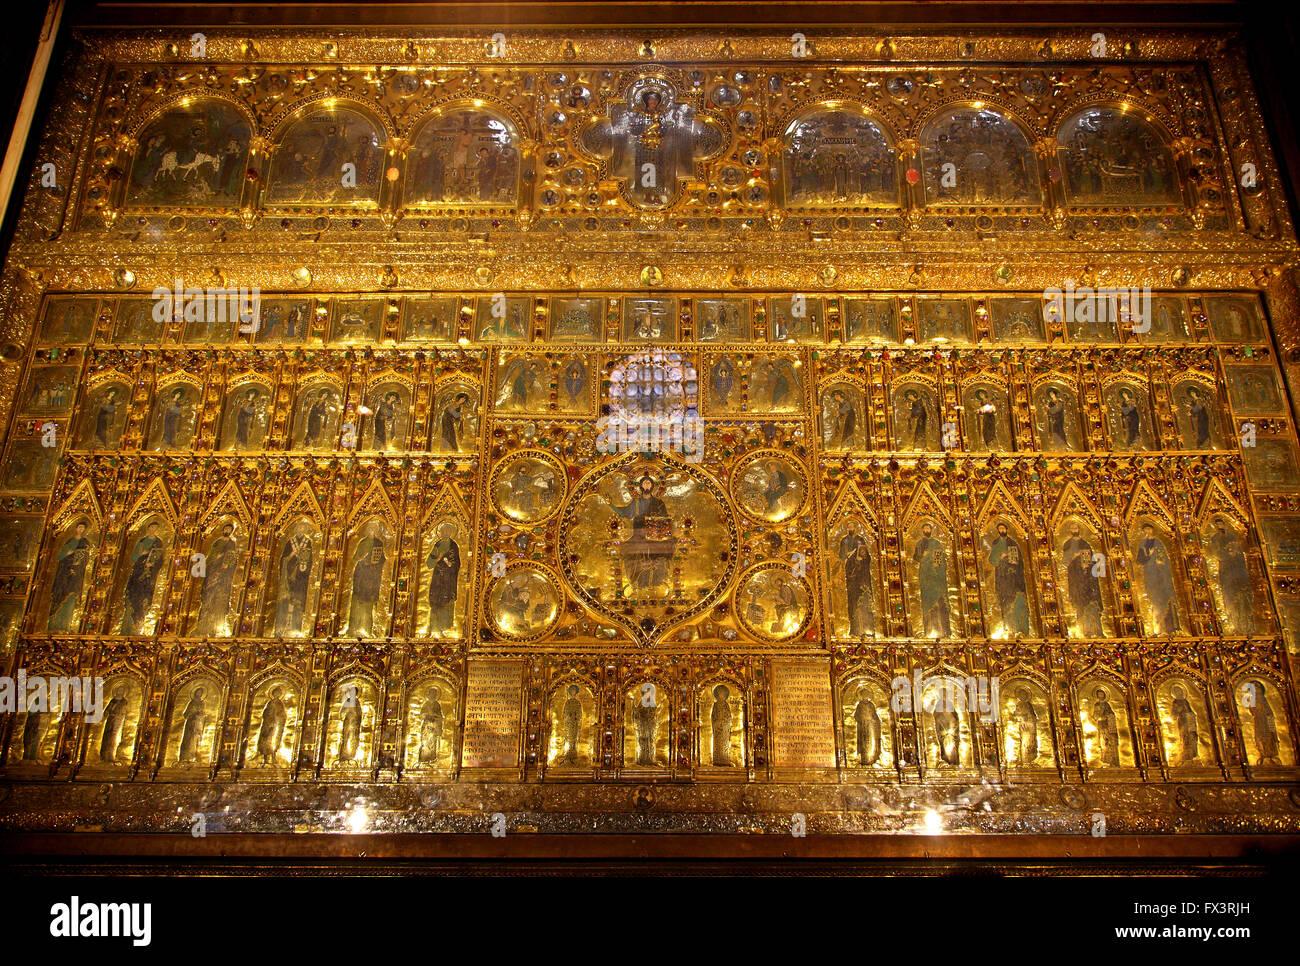 La Pala d'Oro en la basílica de San Marcos (San Marcos), Venice, Veneto, Italia. Imagen De Stock